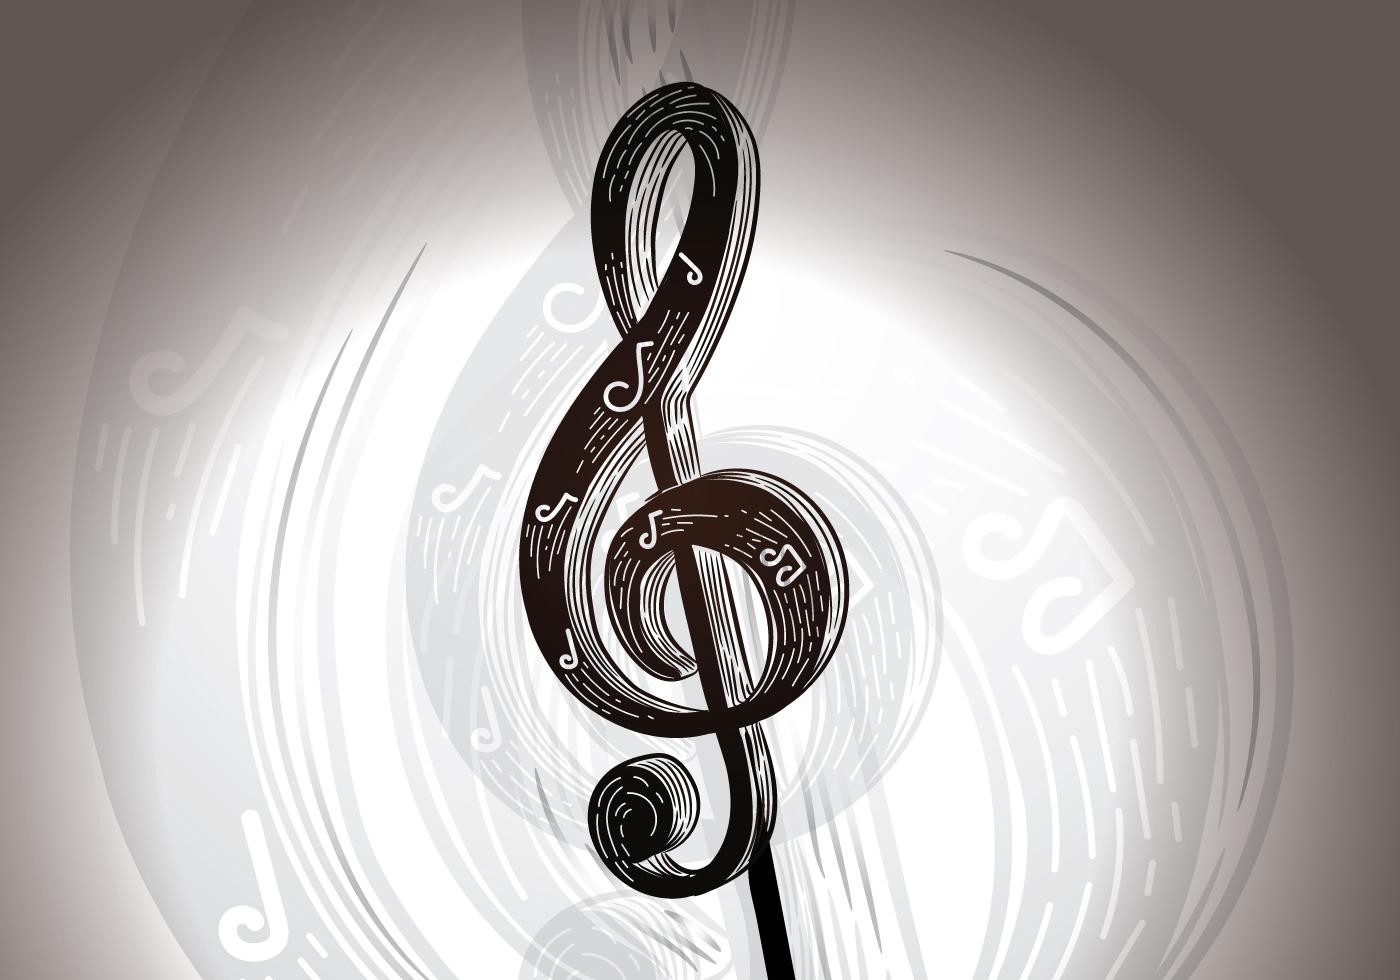 Открытка с скрипичным ключом, надписями